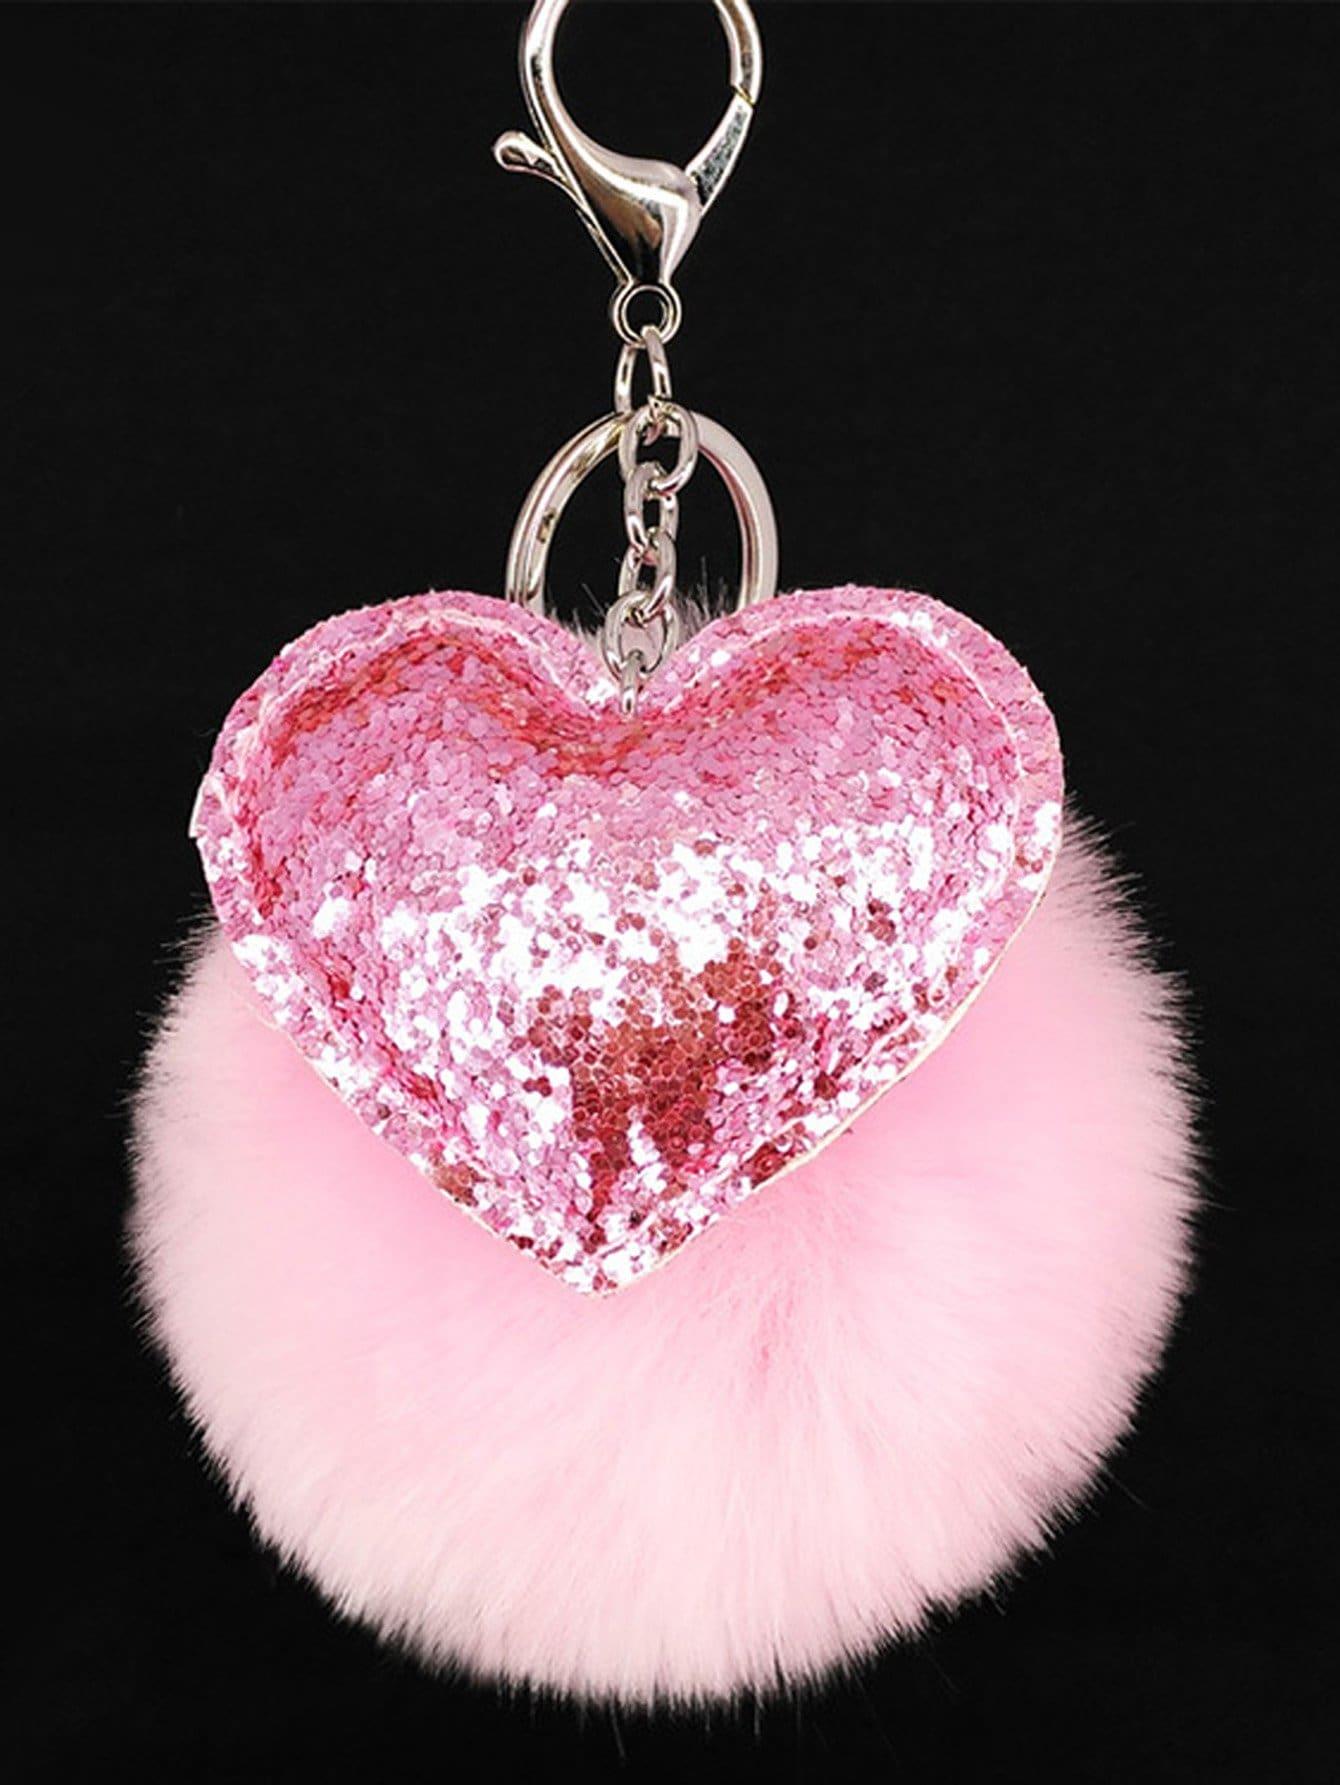 Heart Decorated Pom Pom Keychain pom pom decorated hair tie